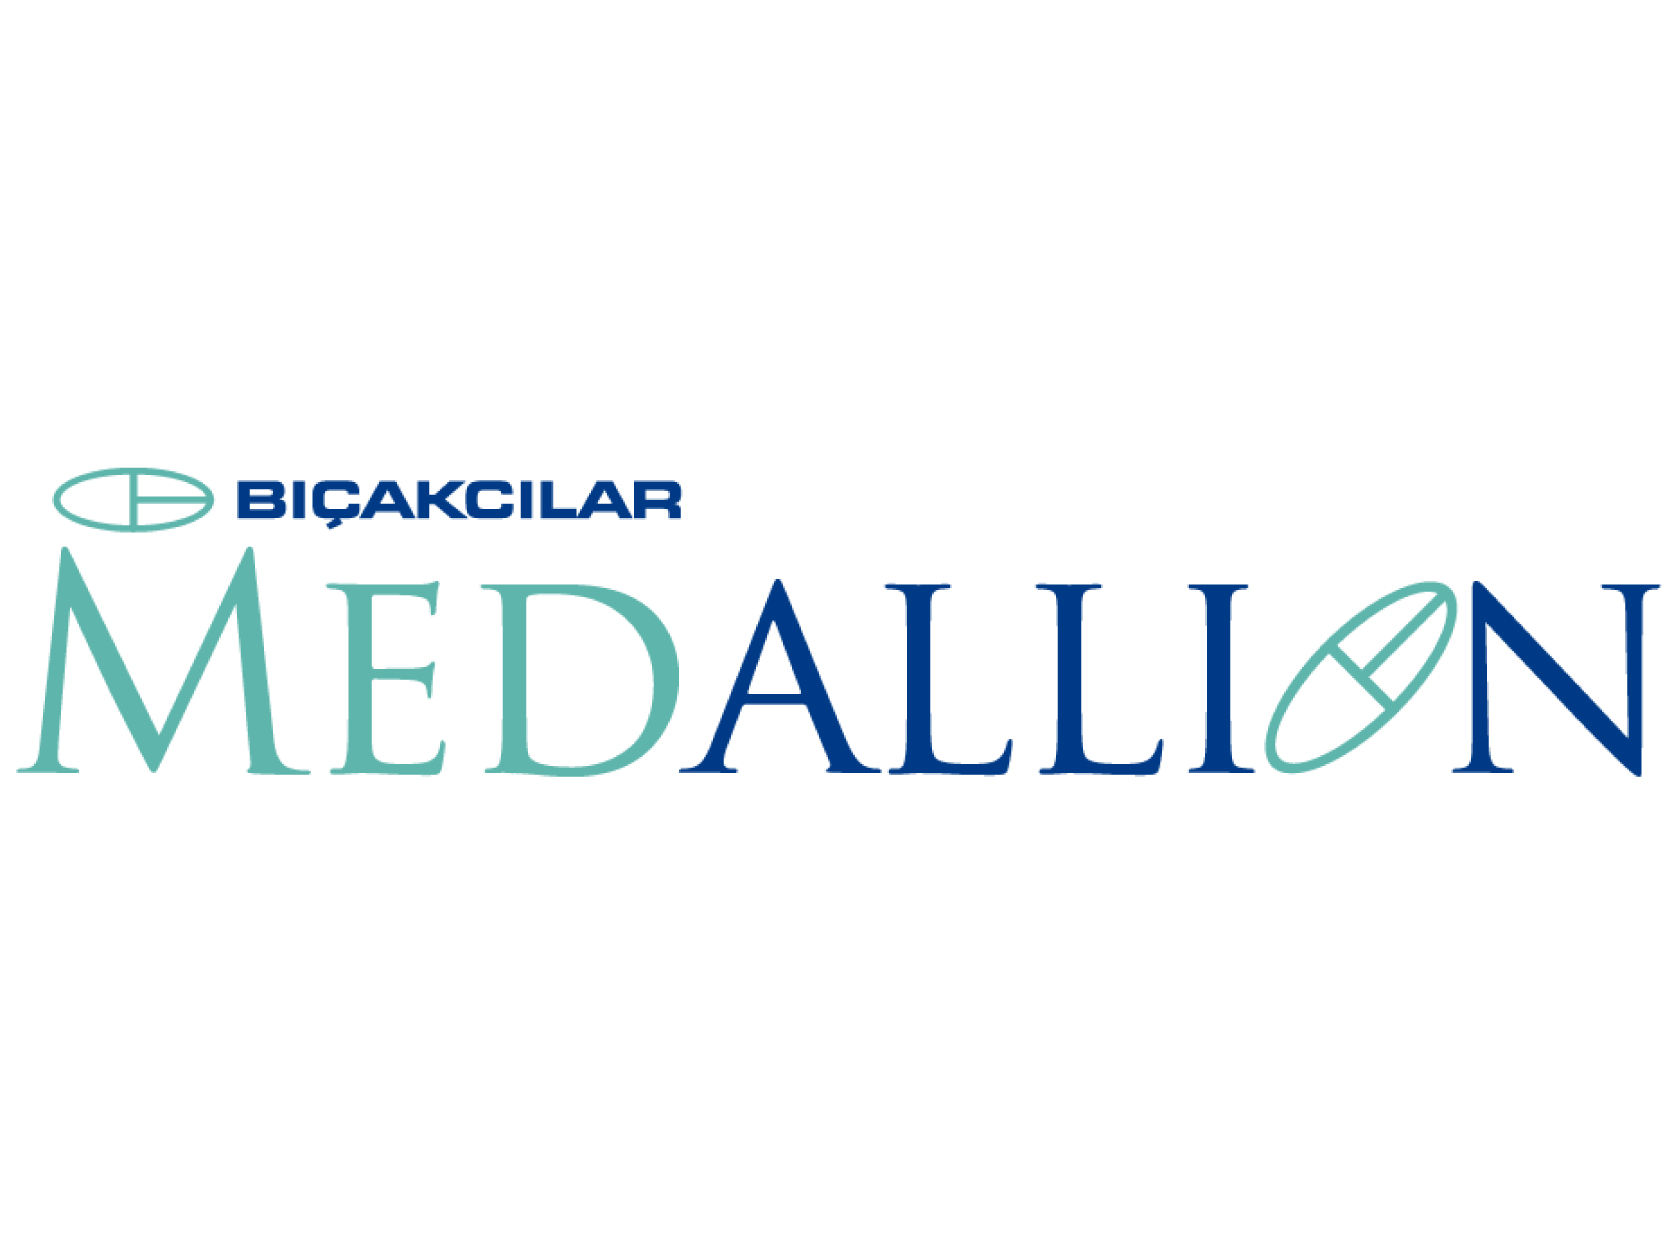 Medallion Nov-Dec'19